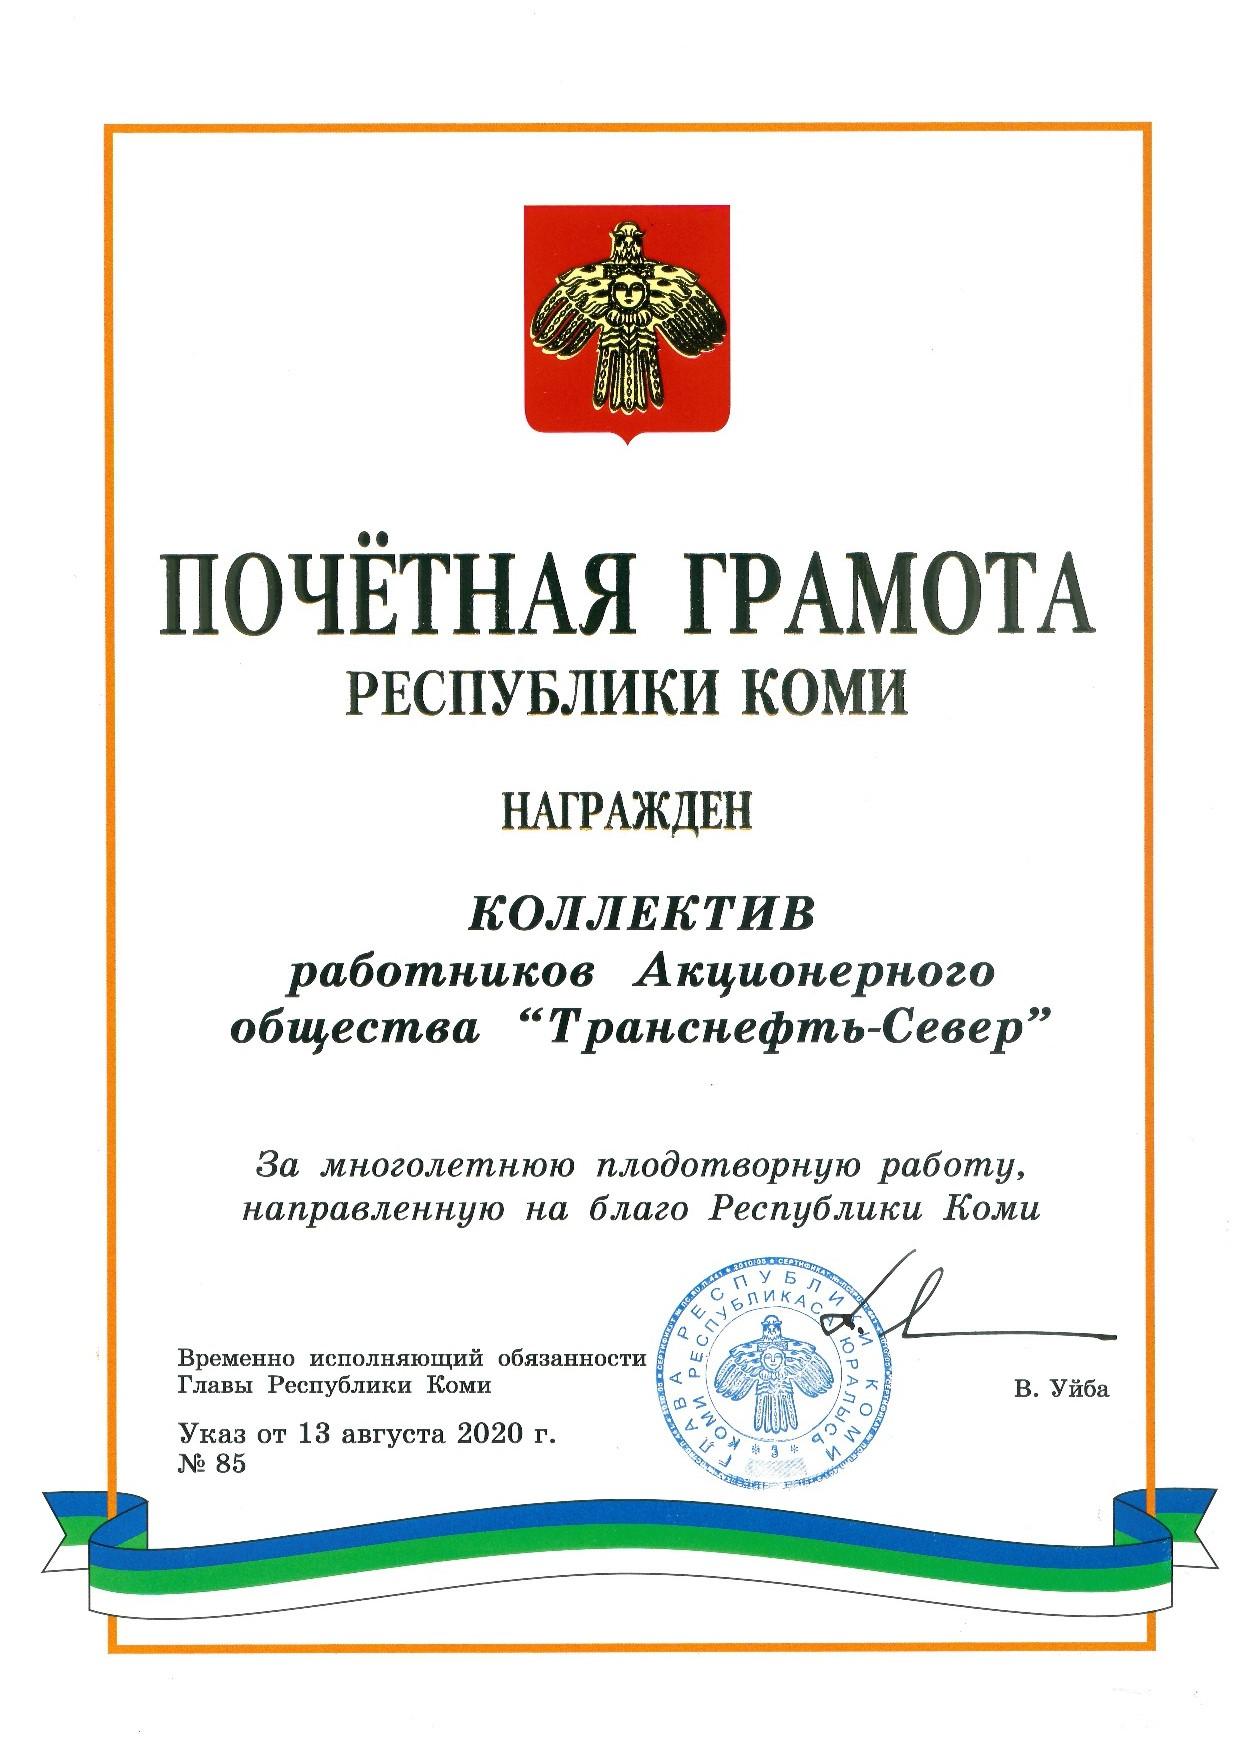 Pochetnaya-gramota-Respubliki-Komi.jpg